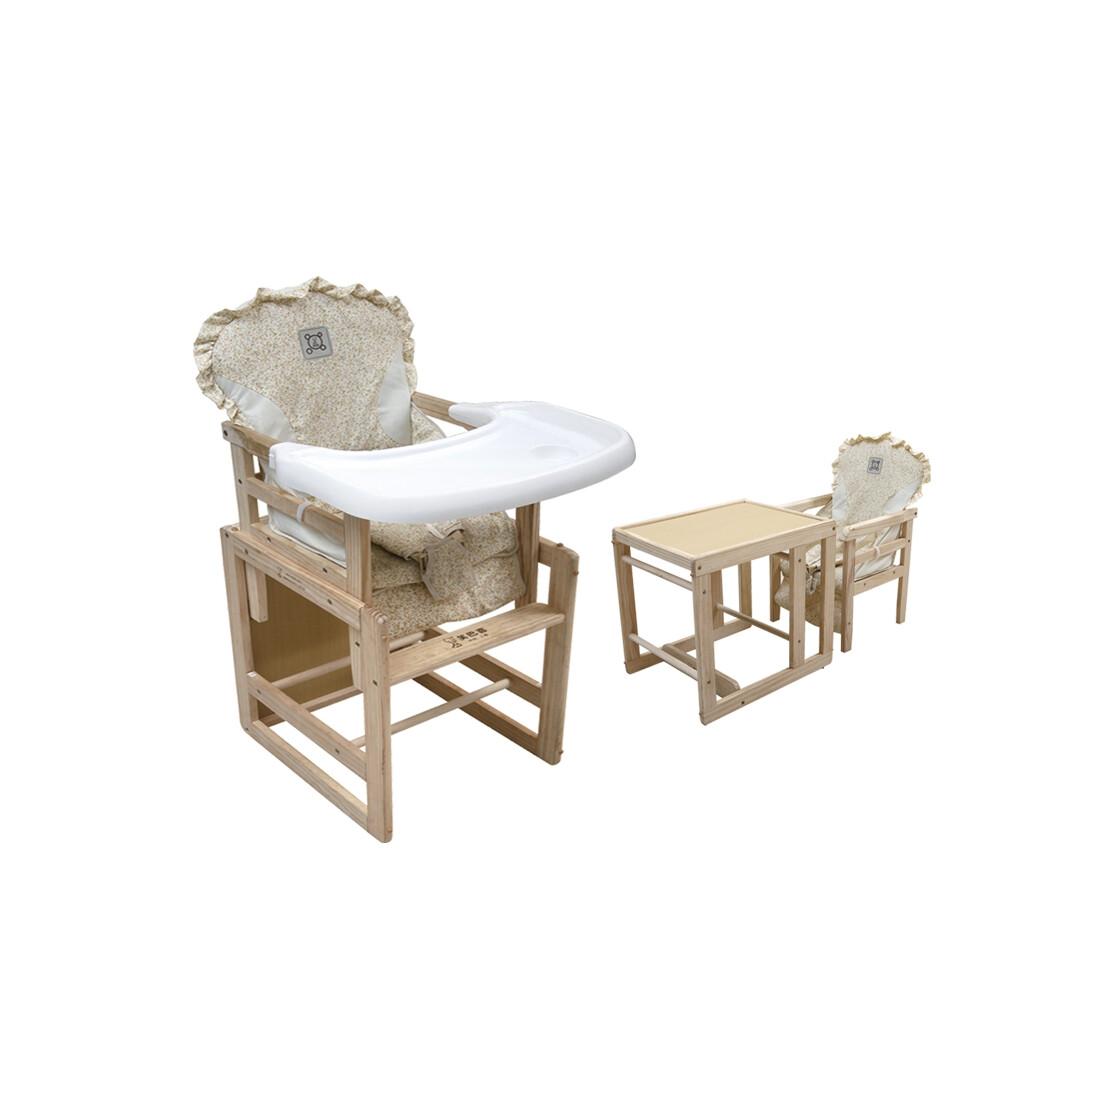 kinderstuhl mit tisch 139 00. Black Bedroom Furniture Sets. Home Design Ideas